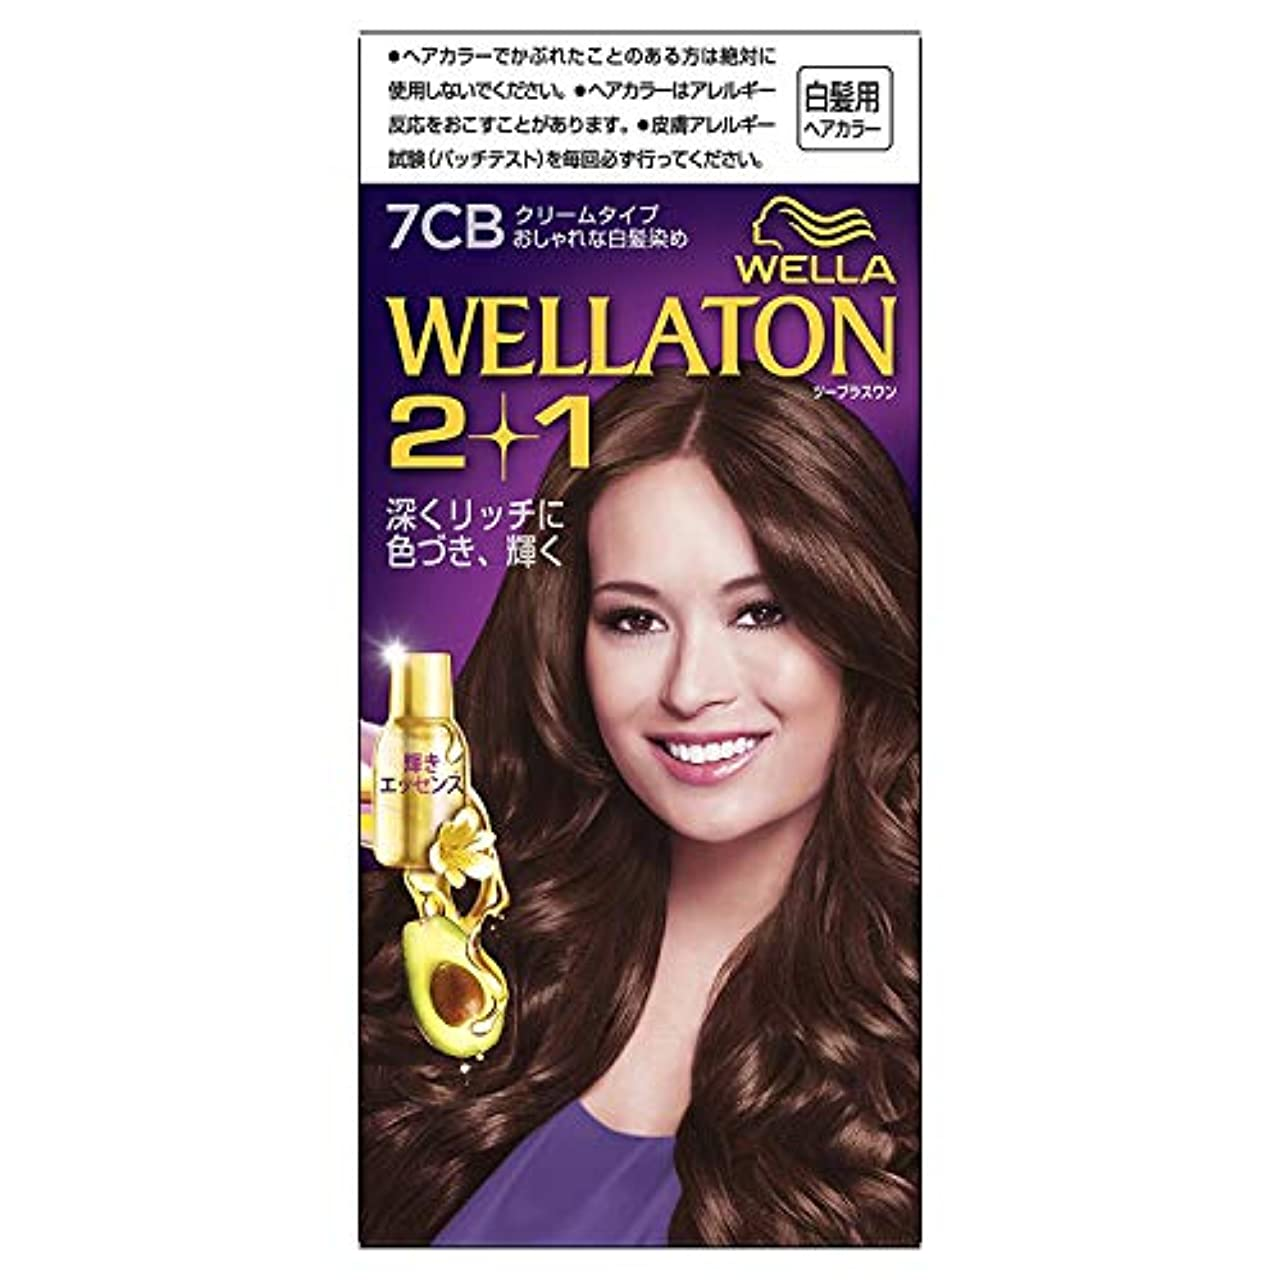 余裕がある栄光の少なくともウエラトーン2+1 白髪染め クリームタイプ 7CB [医薬部外品] ×6個